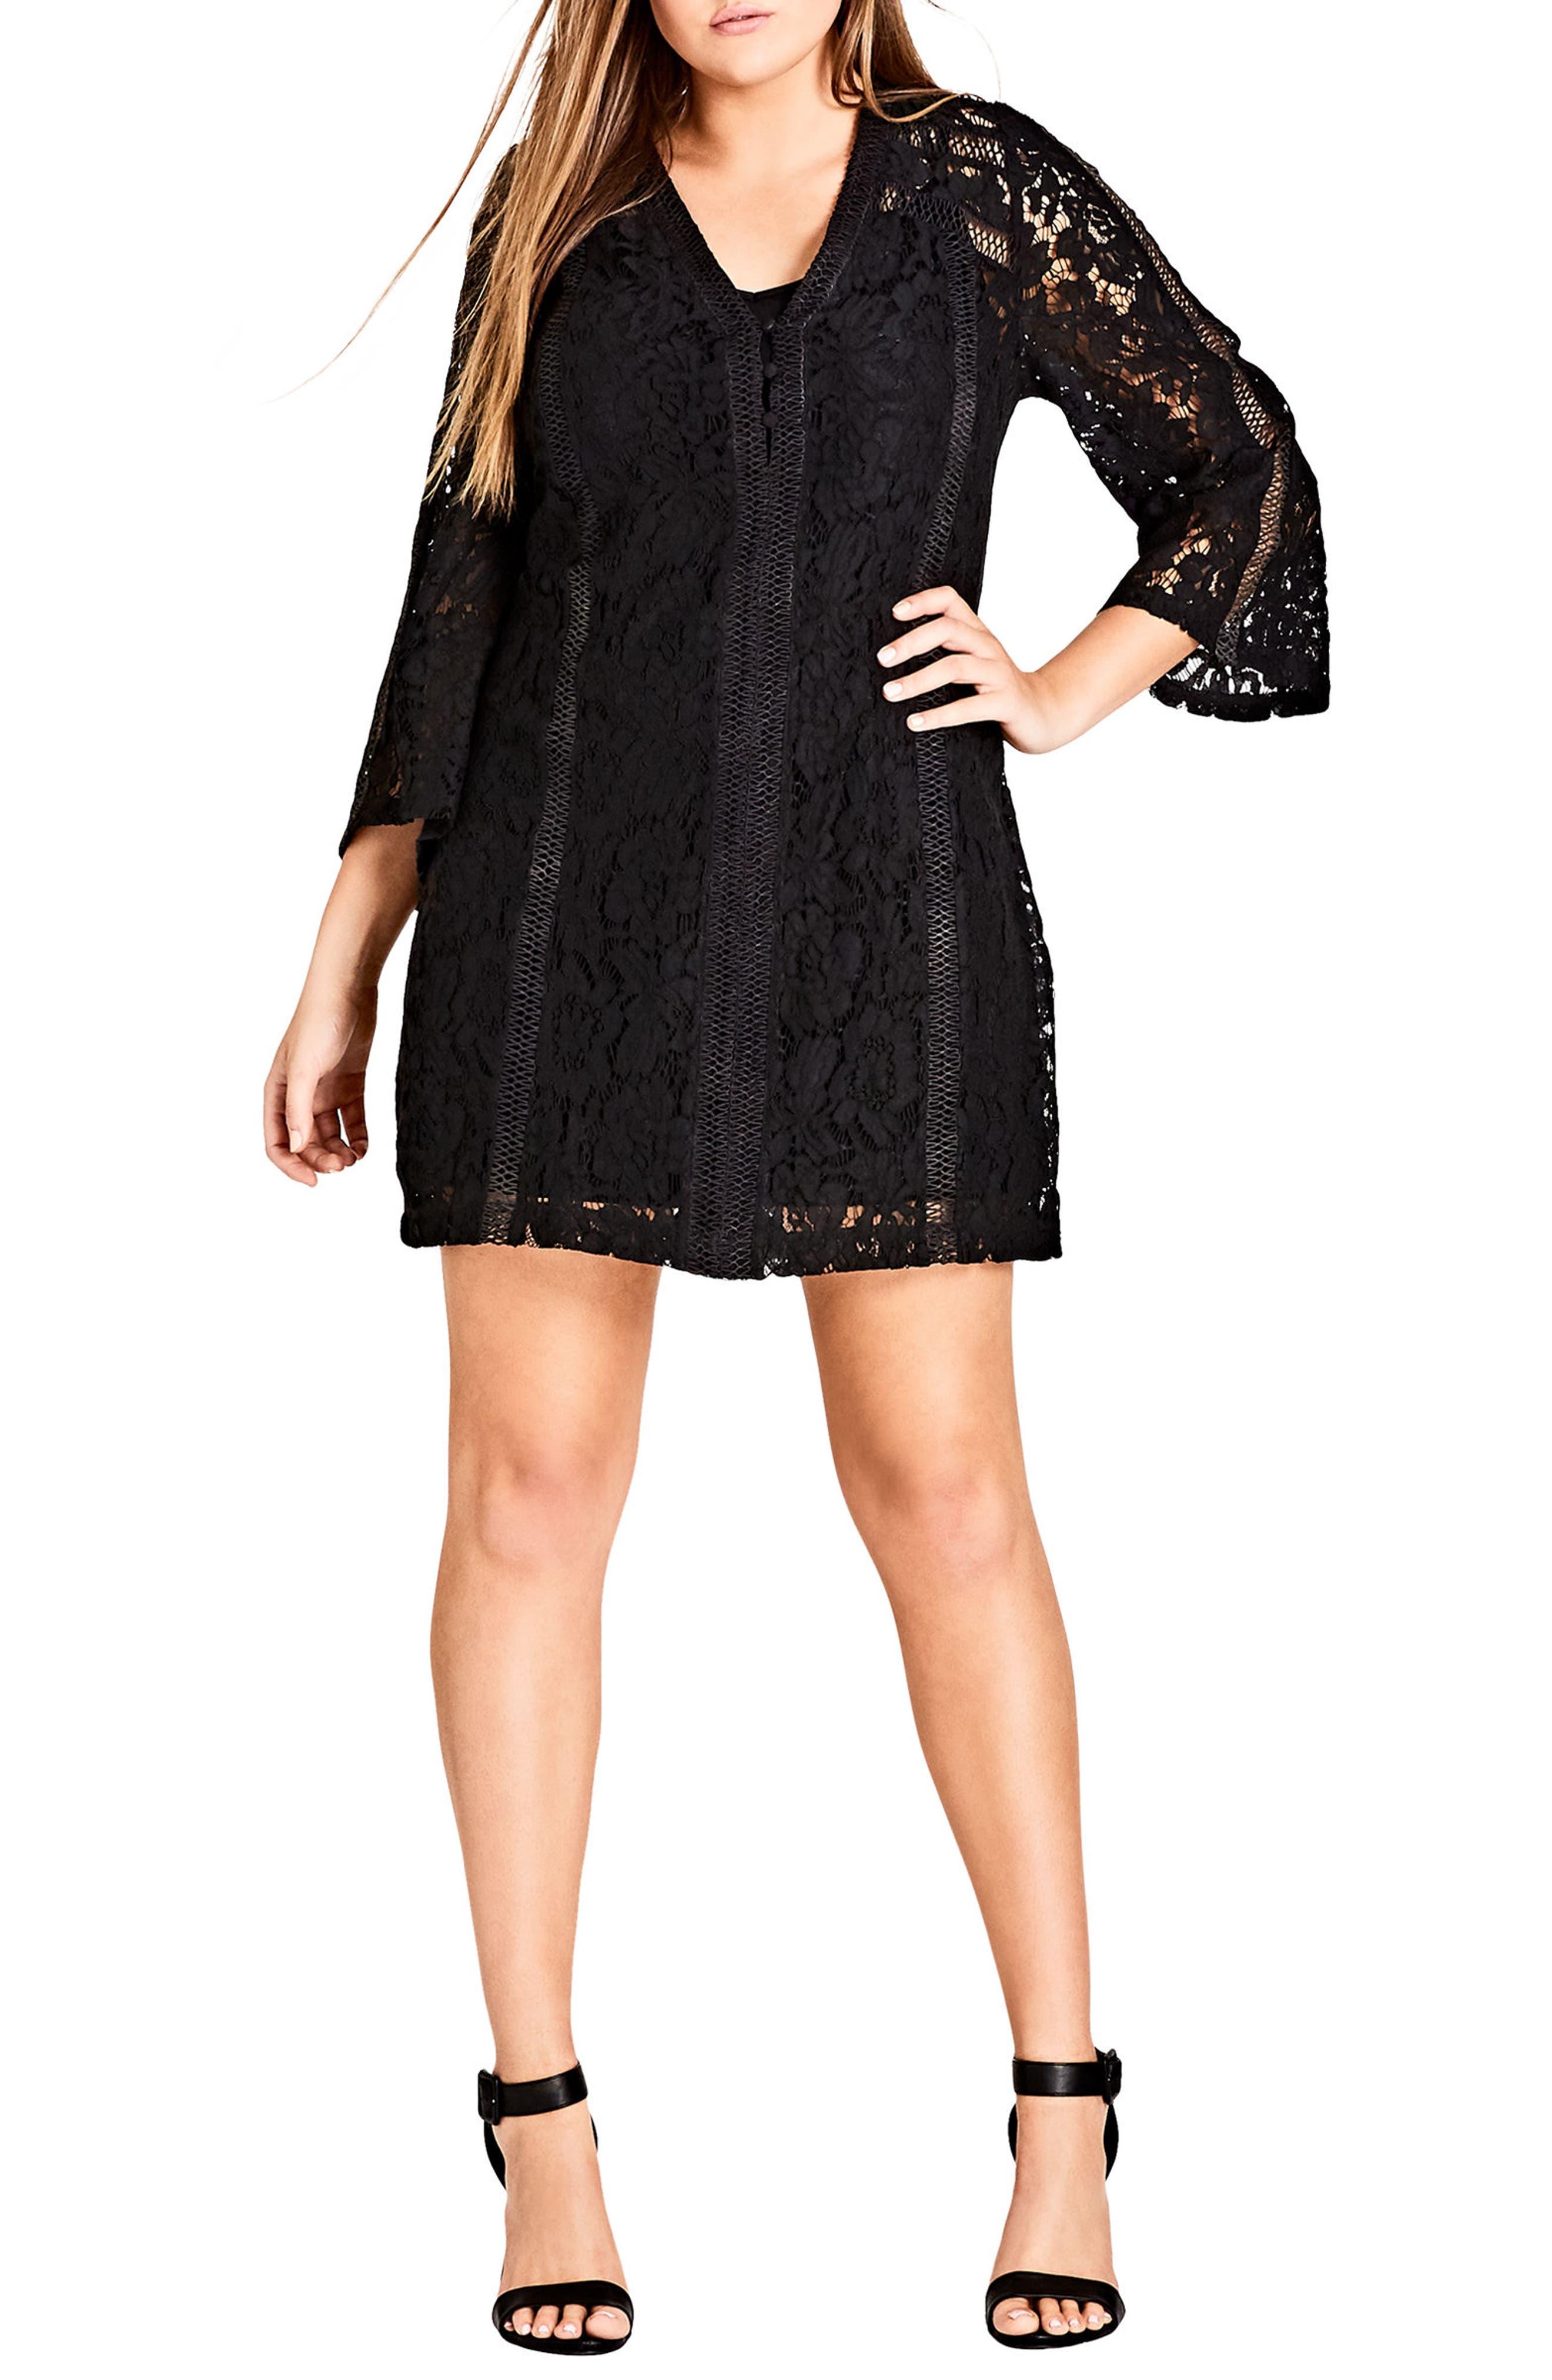 Plus Size City Chic Innocent Lace Shift Dress, Black